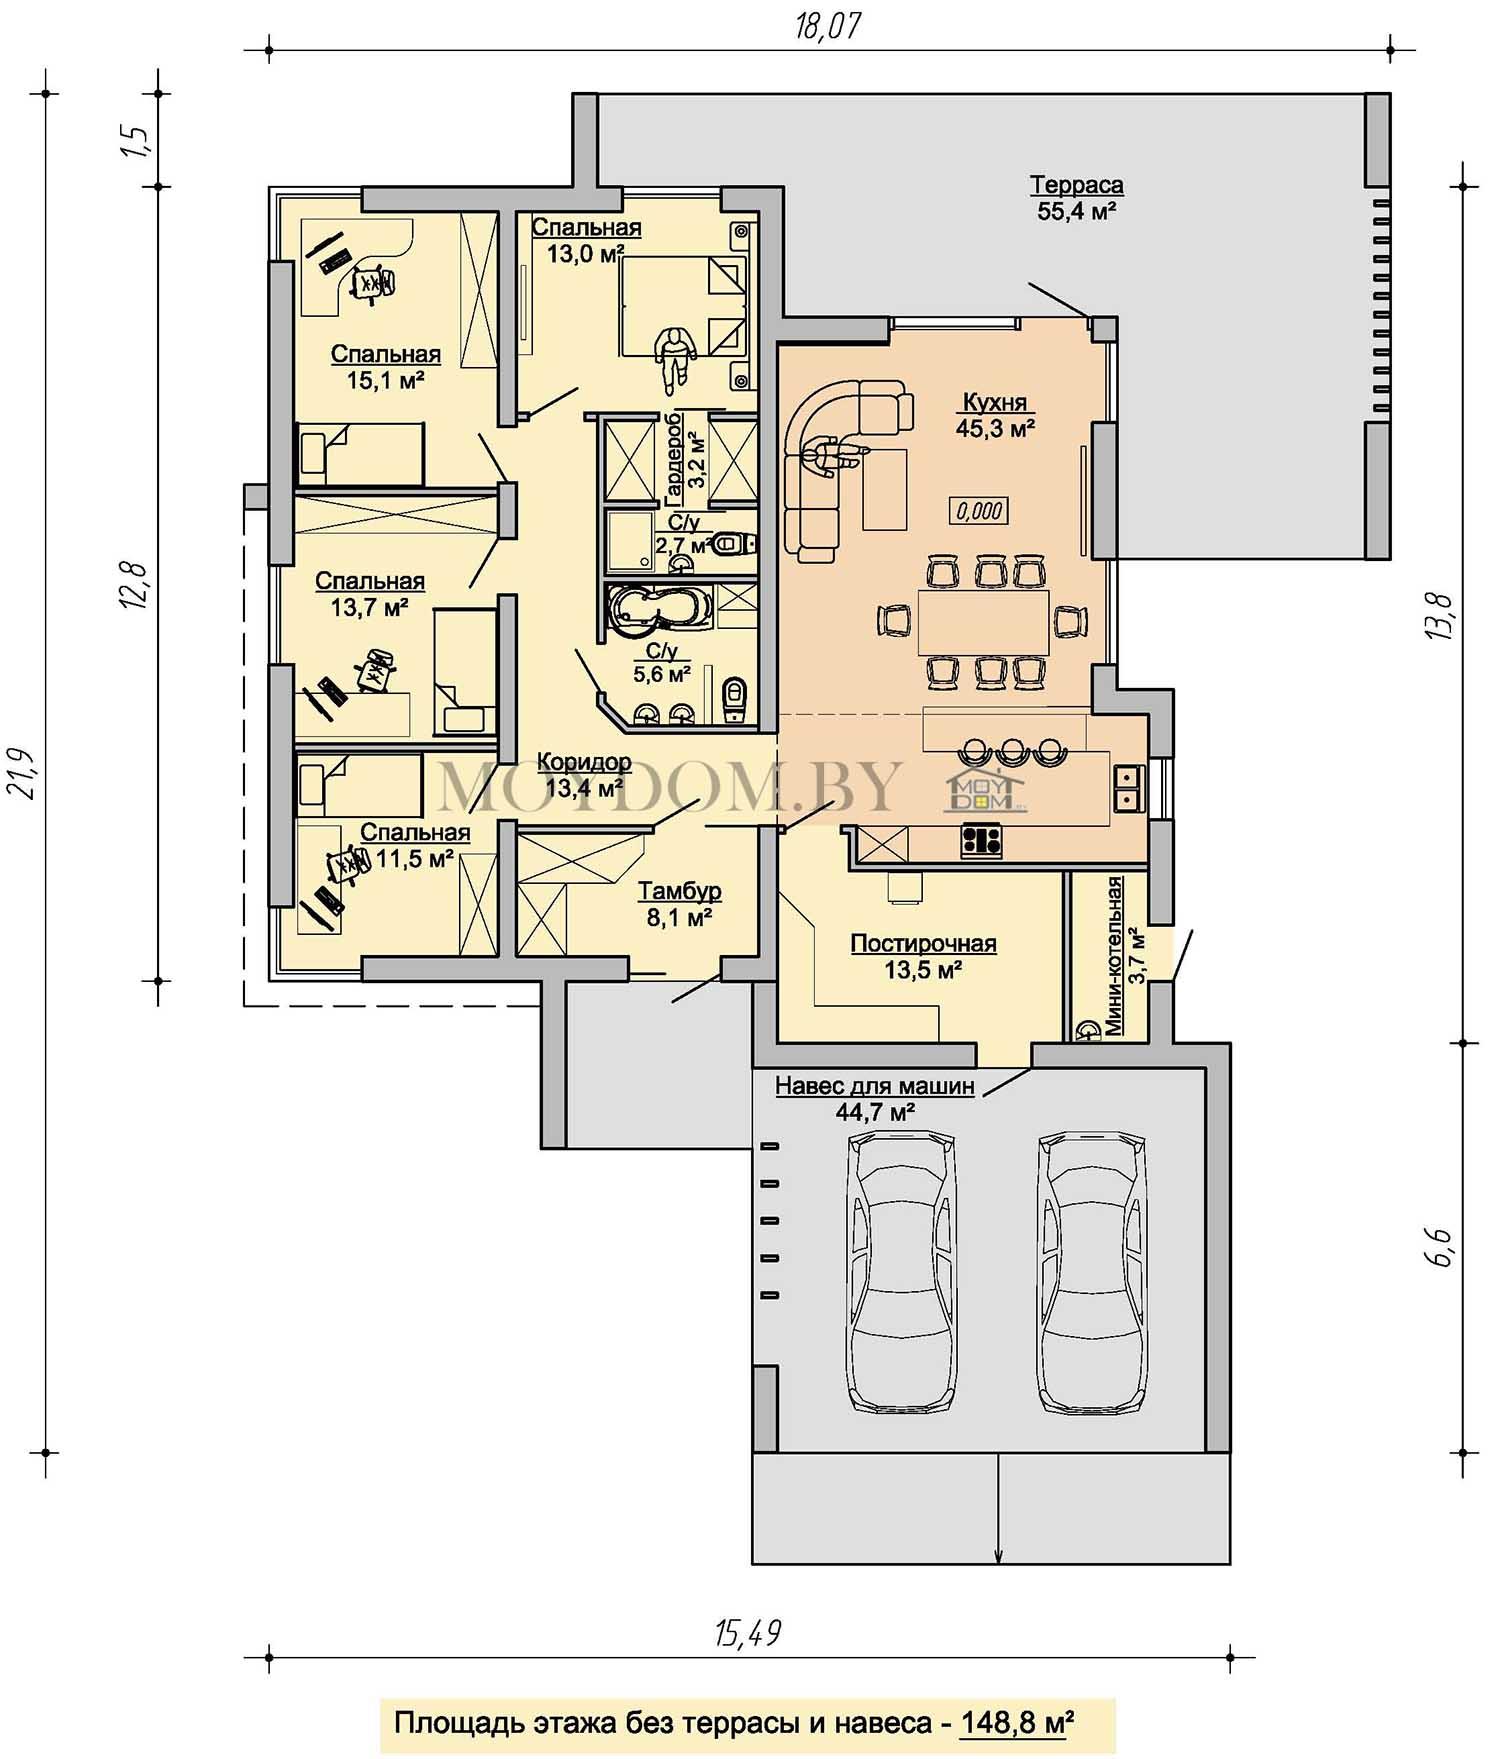 план этажа одноэтажного дома с навесом и террасой 927